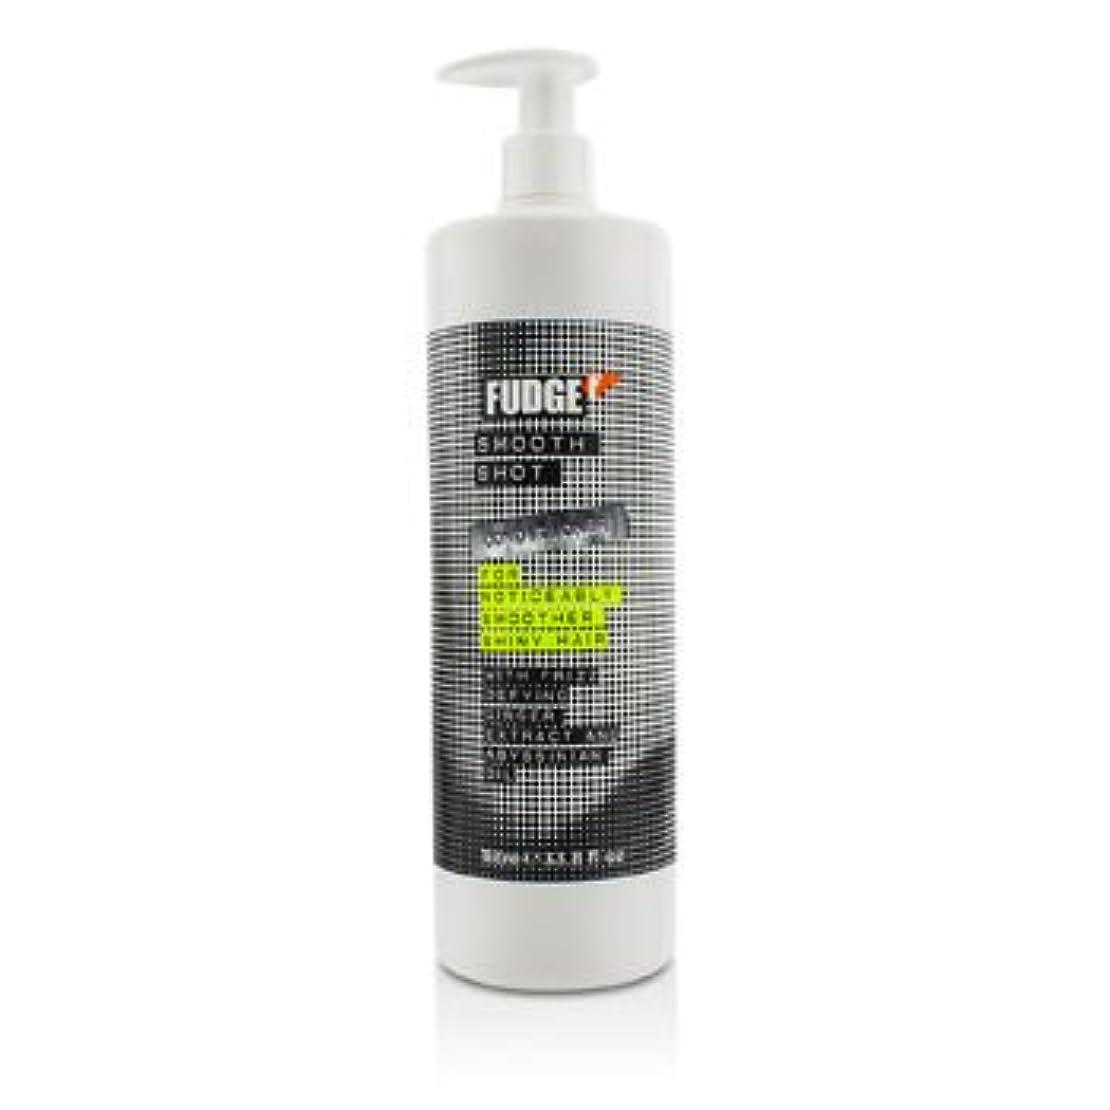 ブラインド女の子抱擁[Fudge] Smooth Shot Conditioner (For Noticeably Smoother Shiny Hair) 1000ml/33.8oz